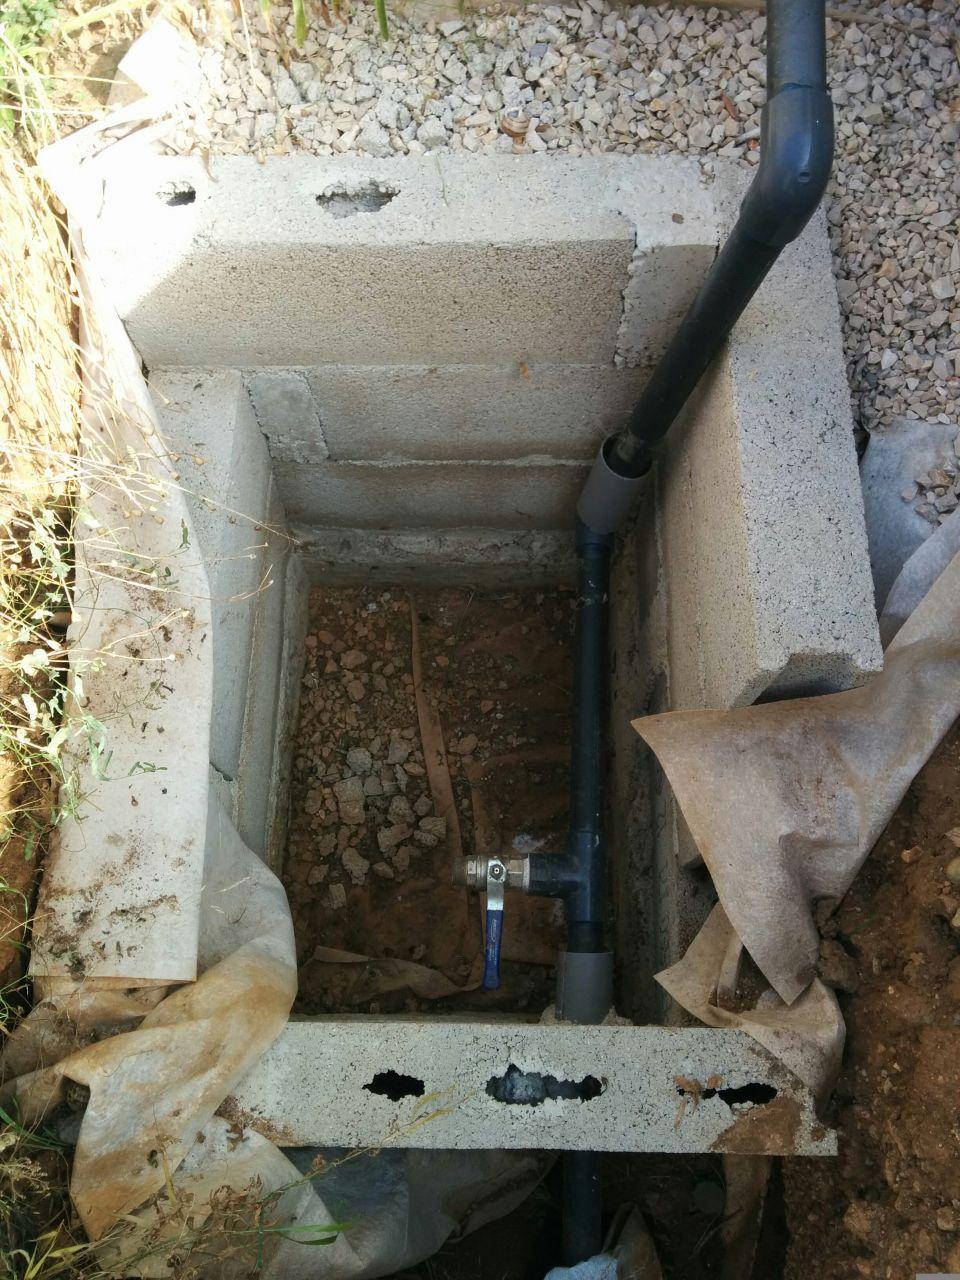 Circuit eau ext rieur 15 messages - Regard compteur d eau exterieur ...